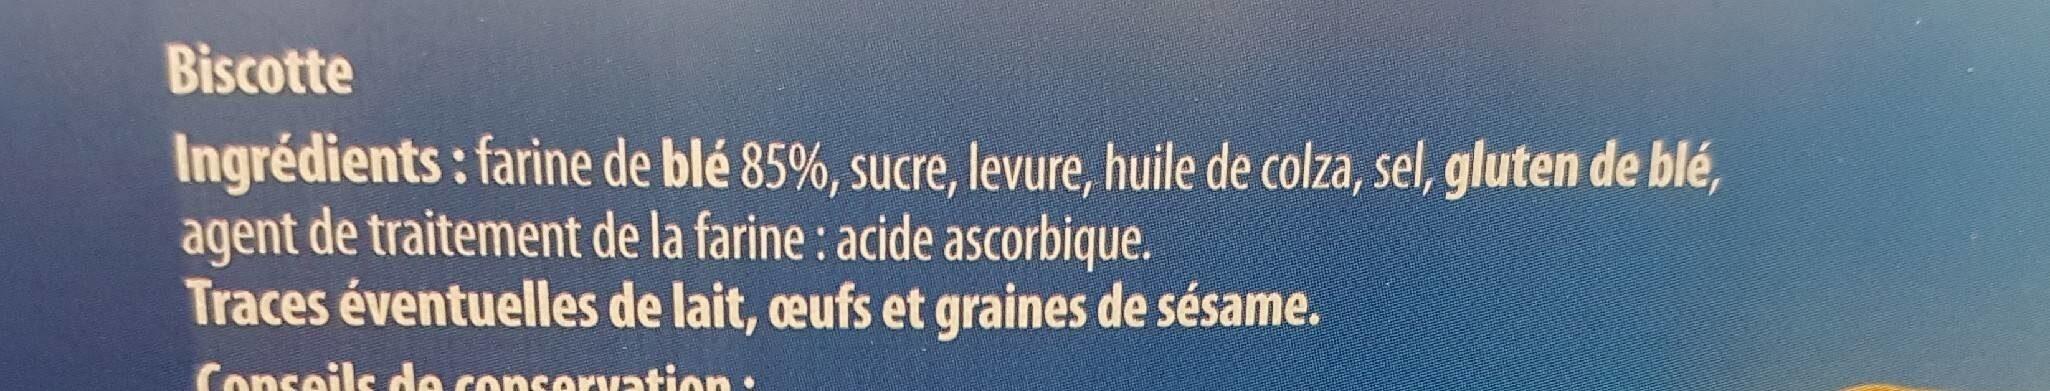 Biscotte 100 tranches au froment - Ingrediënten - fr